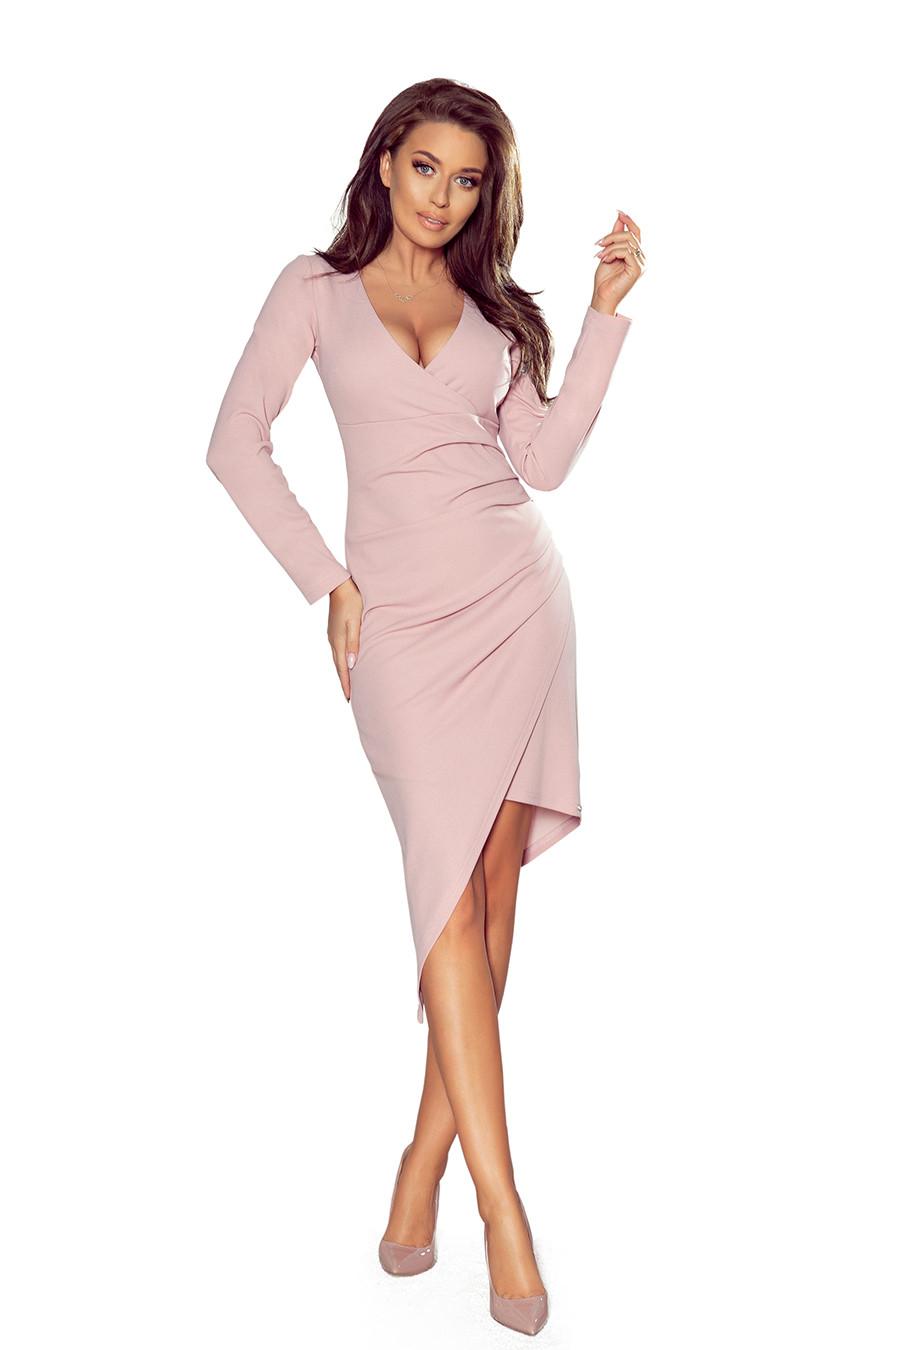 NUMOCO Woman's Dress 290-1